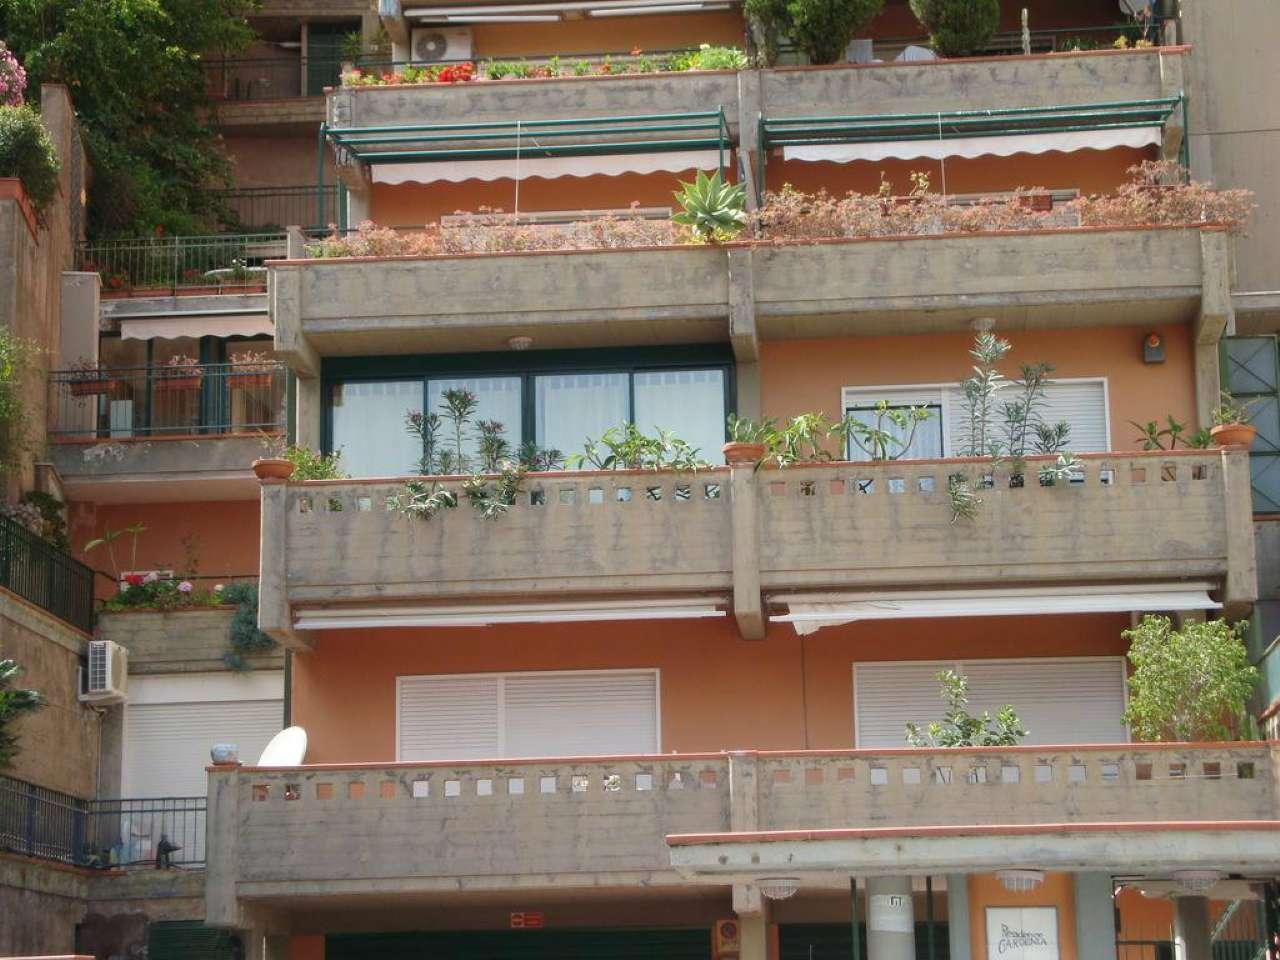 Immagine immobiliare APPARTAMENTO IN PALAZZO SIGNORILE DI 120 MQ CON TERRAZZO A 400 metri dalla funicolare di Taormina a 1,3 km dalla funivia Mazzarò, 1,5 km dall'Isola Bella e 40 km dall'Aeroporto di Catania. Appartamento al 2° piano con ascensore...